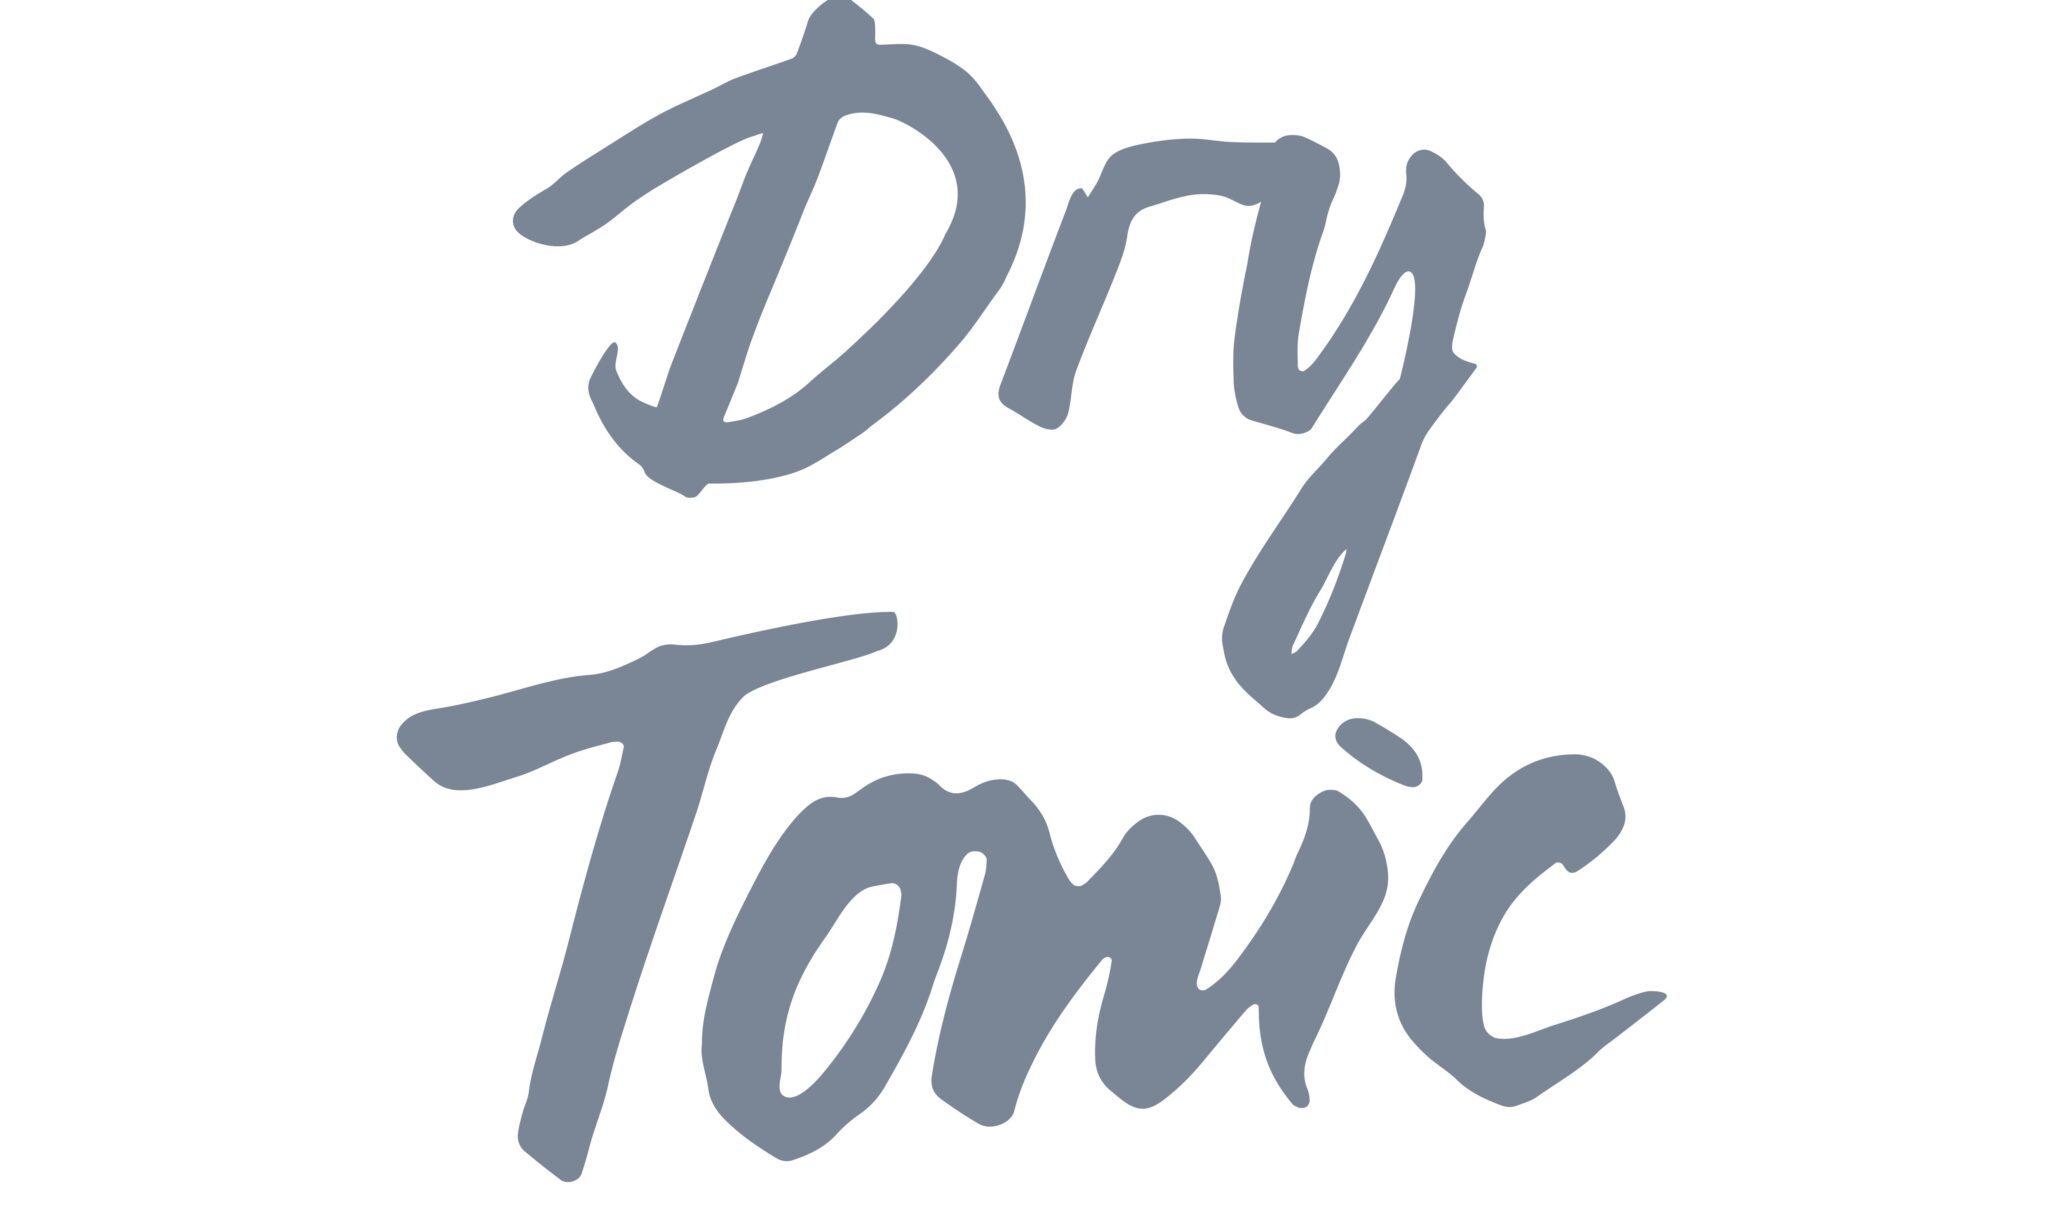 schriftzug dry tonic 1